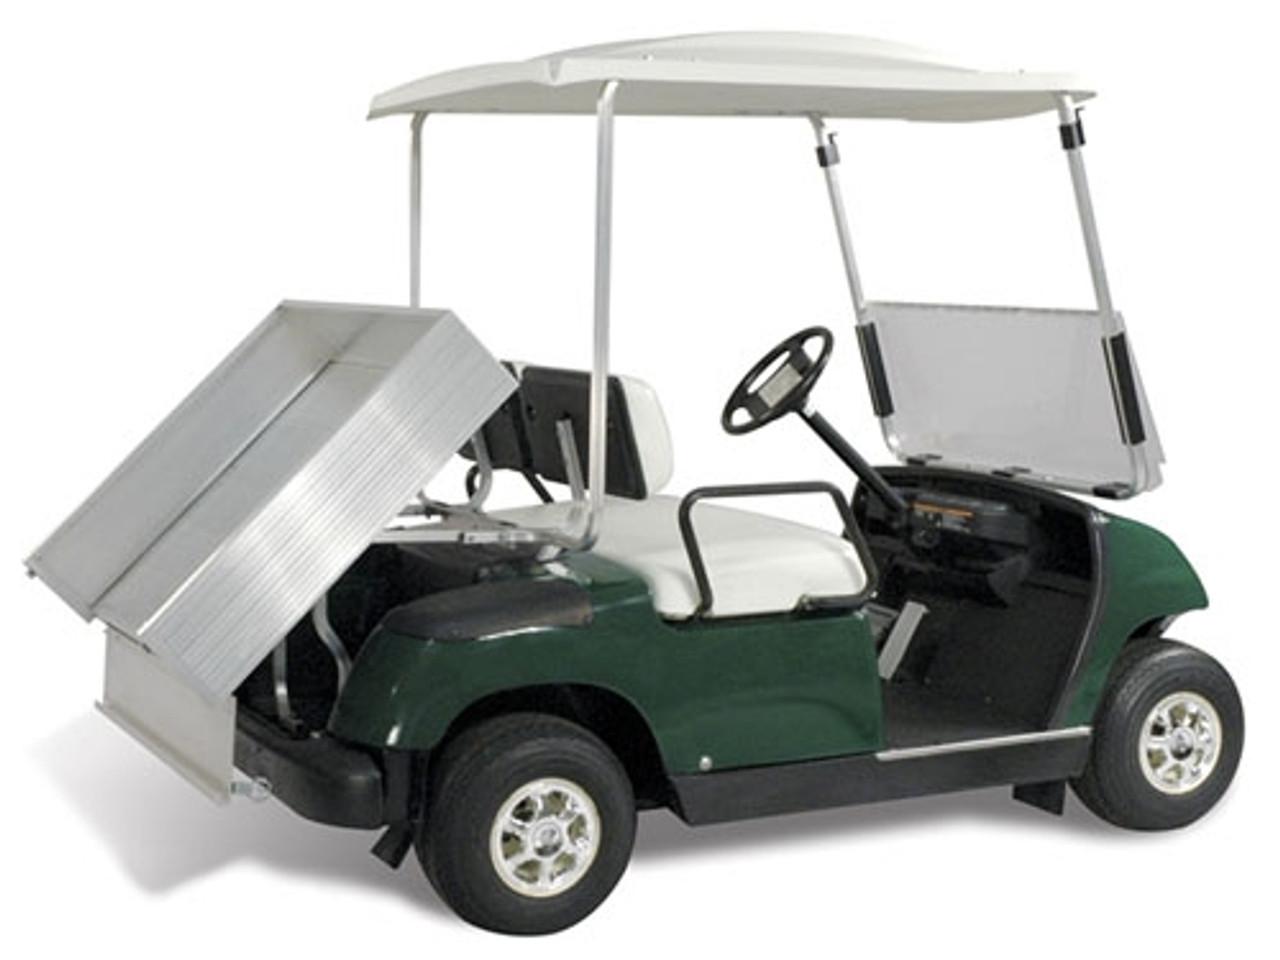 Yamaha Golf Cart Light Kit - G2, G9, G14, G16, Drive & More on yamaha j55 golf cart, yamaha ydra golf cart accessories, yamaha ydre golf cart accessories,